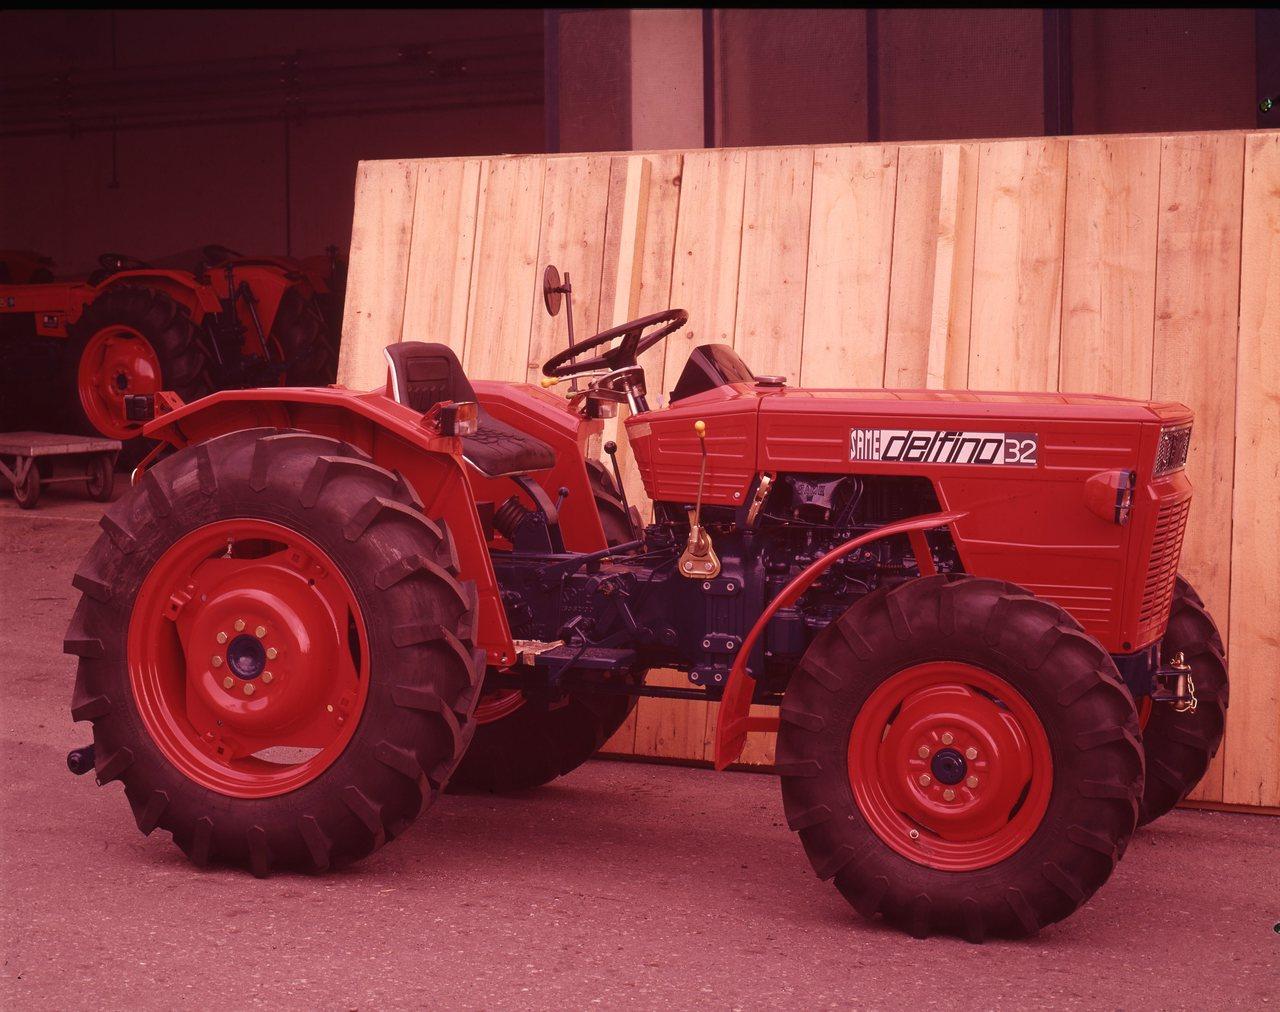 [SAME] trattore Delfino 32 presso lo stabilimento di Treviglio